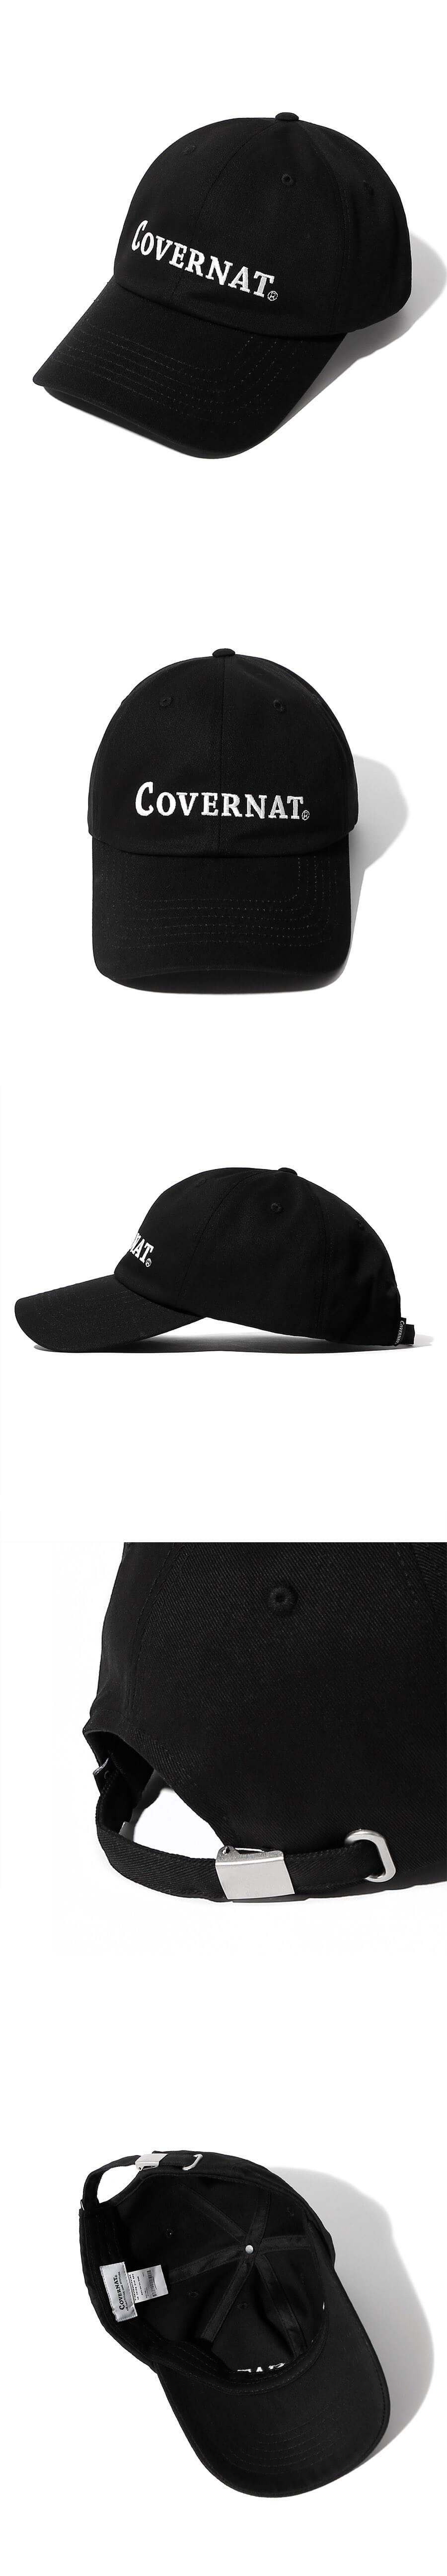 커버낫(COVERNAT) 빅 어센틱 로고 커브캡 블랙